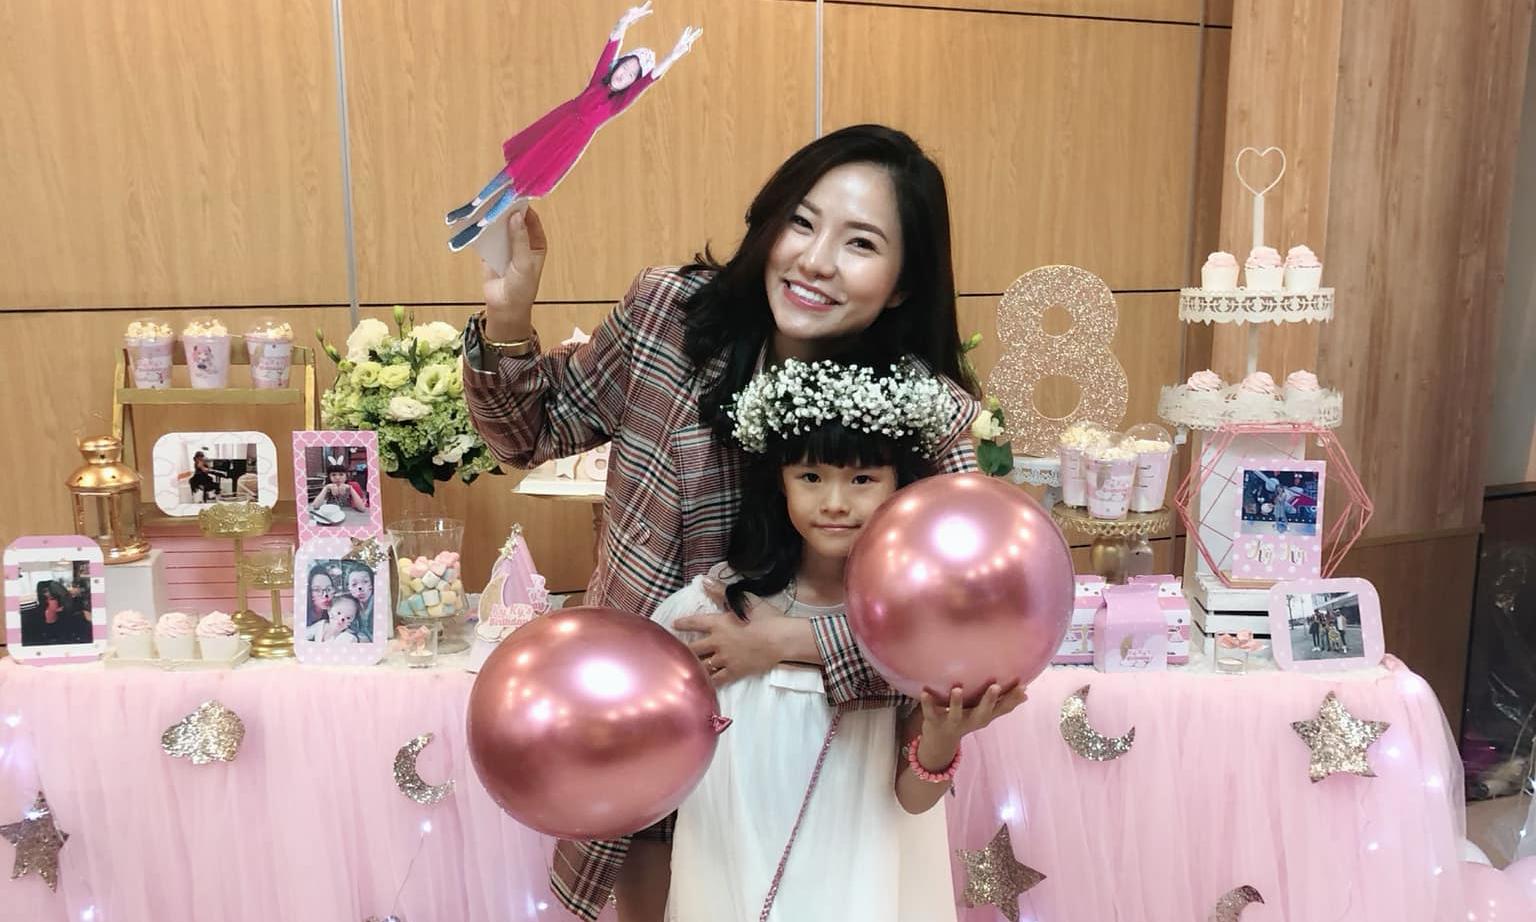 Lý Phương Châu tổ chức tiệc sinh nhật 'hồng toàn tập' cho con gái Kỳ Kỳ